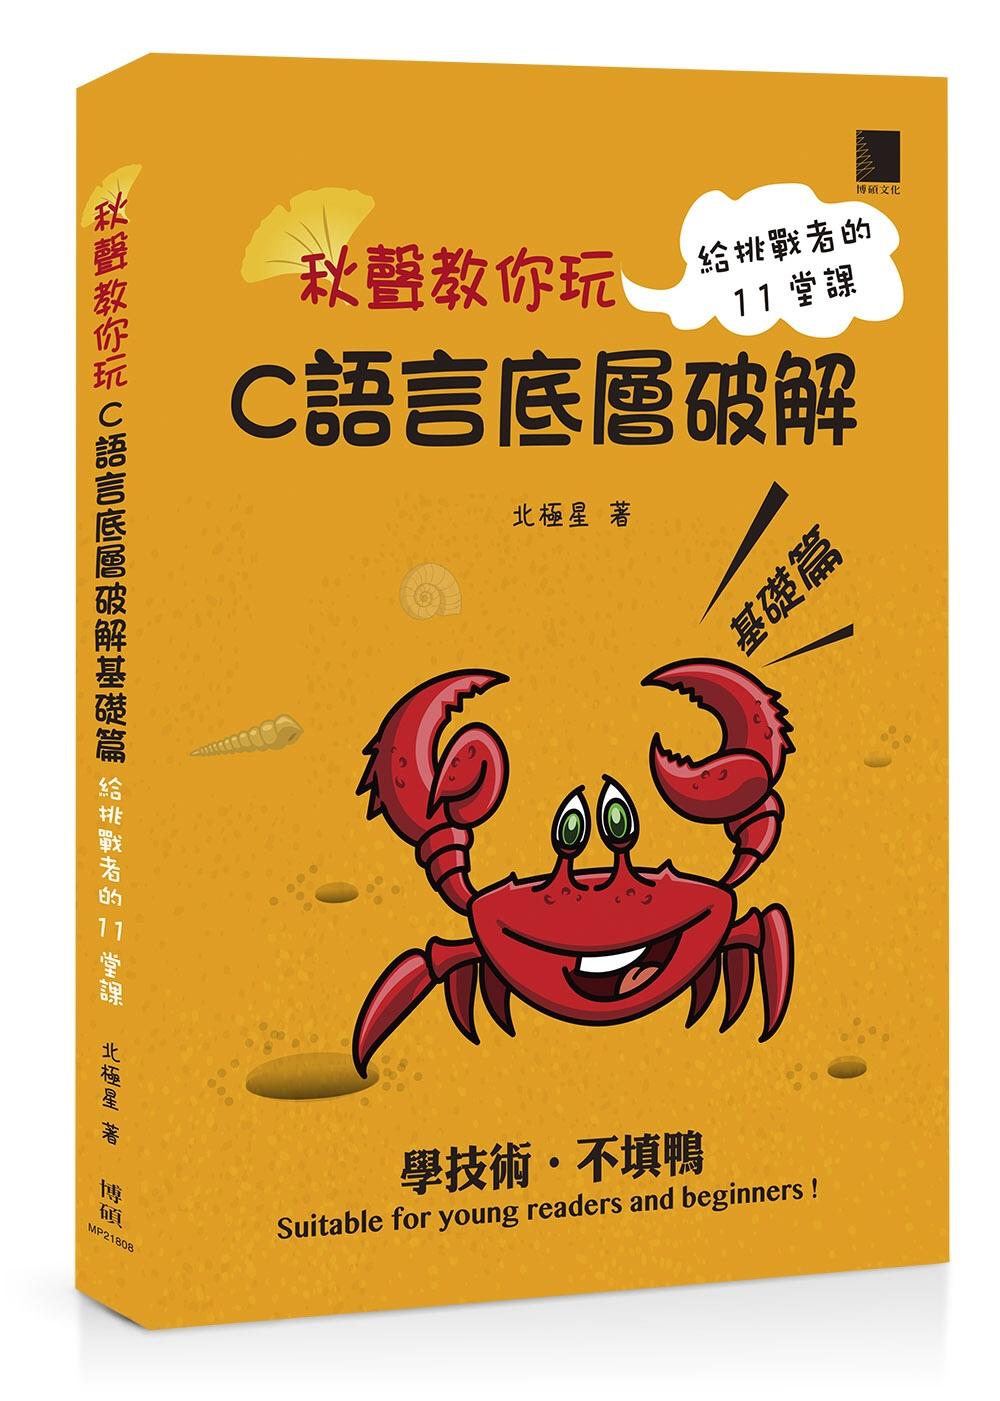 《秋聲教你玩:C語言底層破解基礎篇》 商品條碼,ISBN:9789864342754